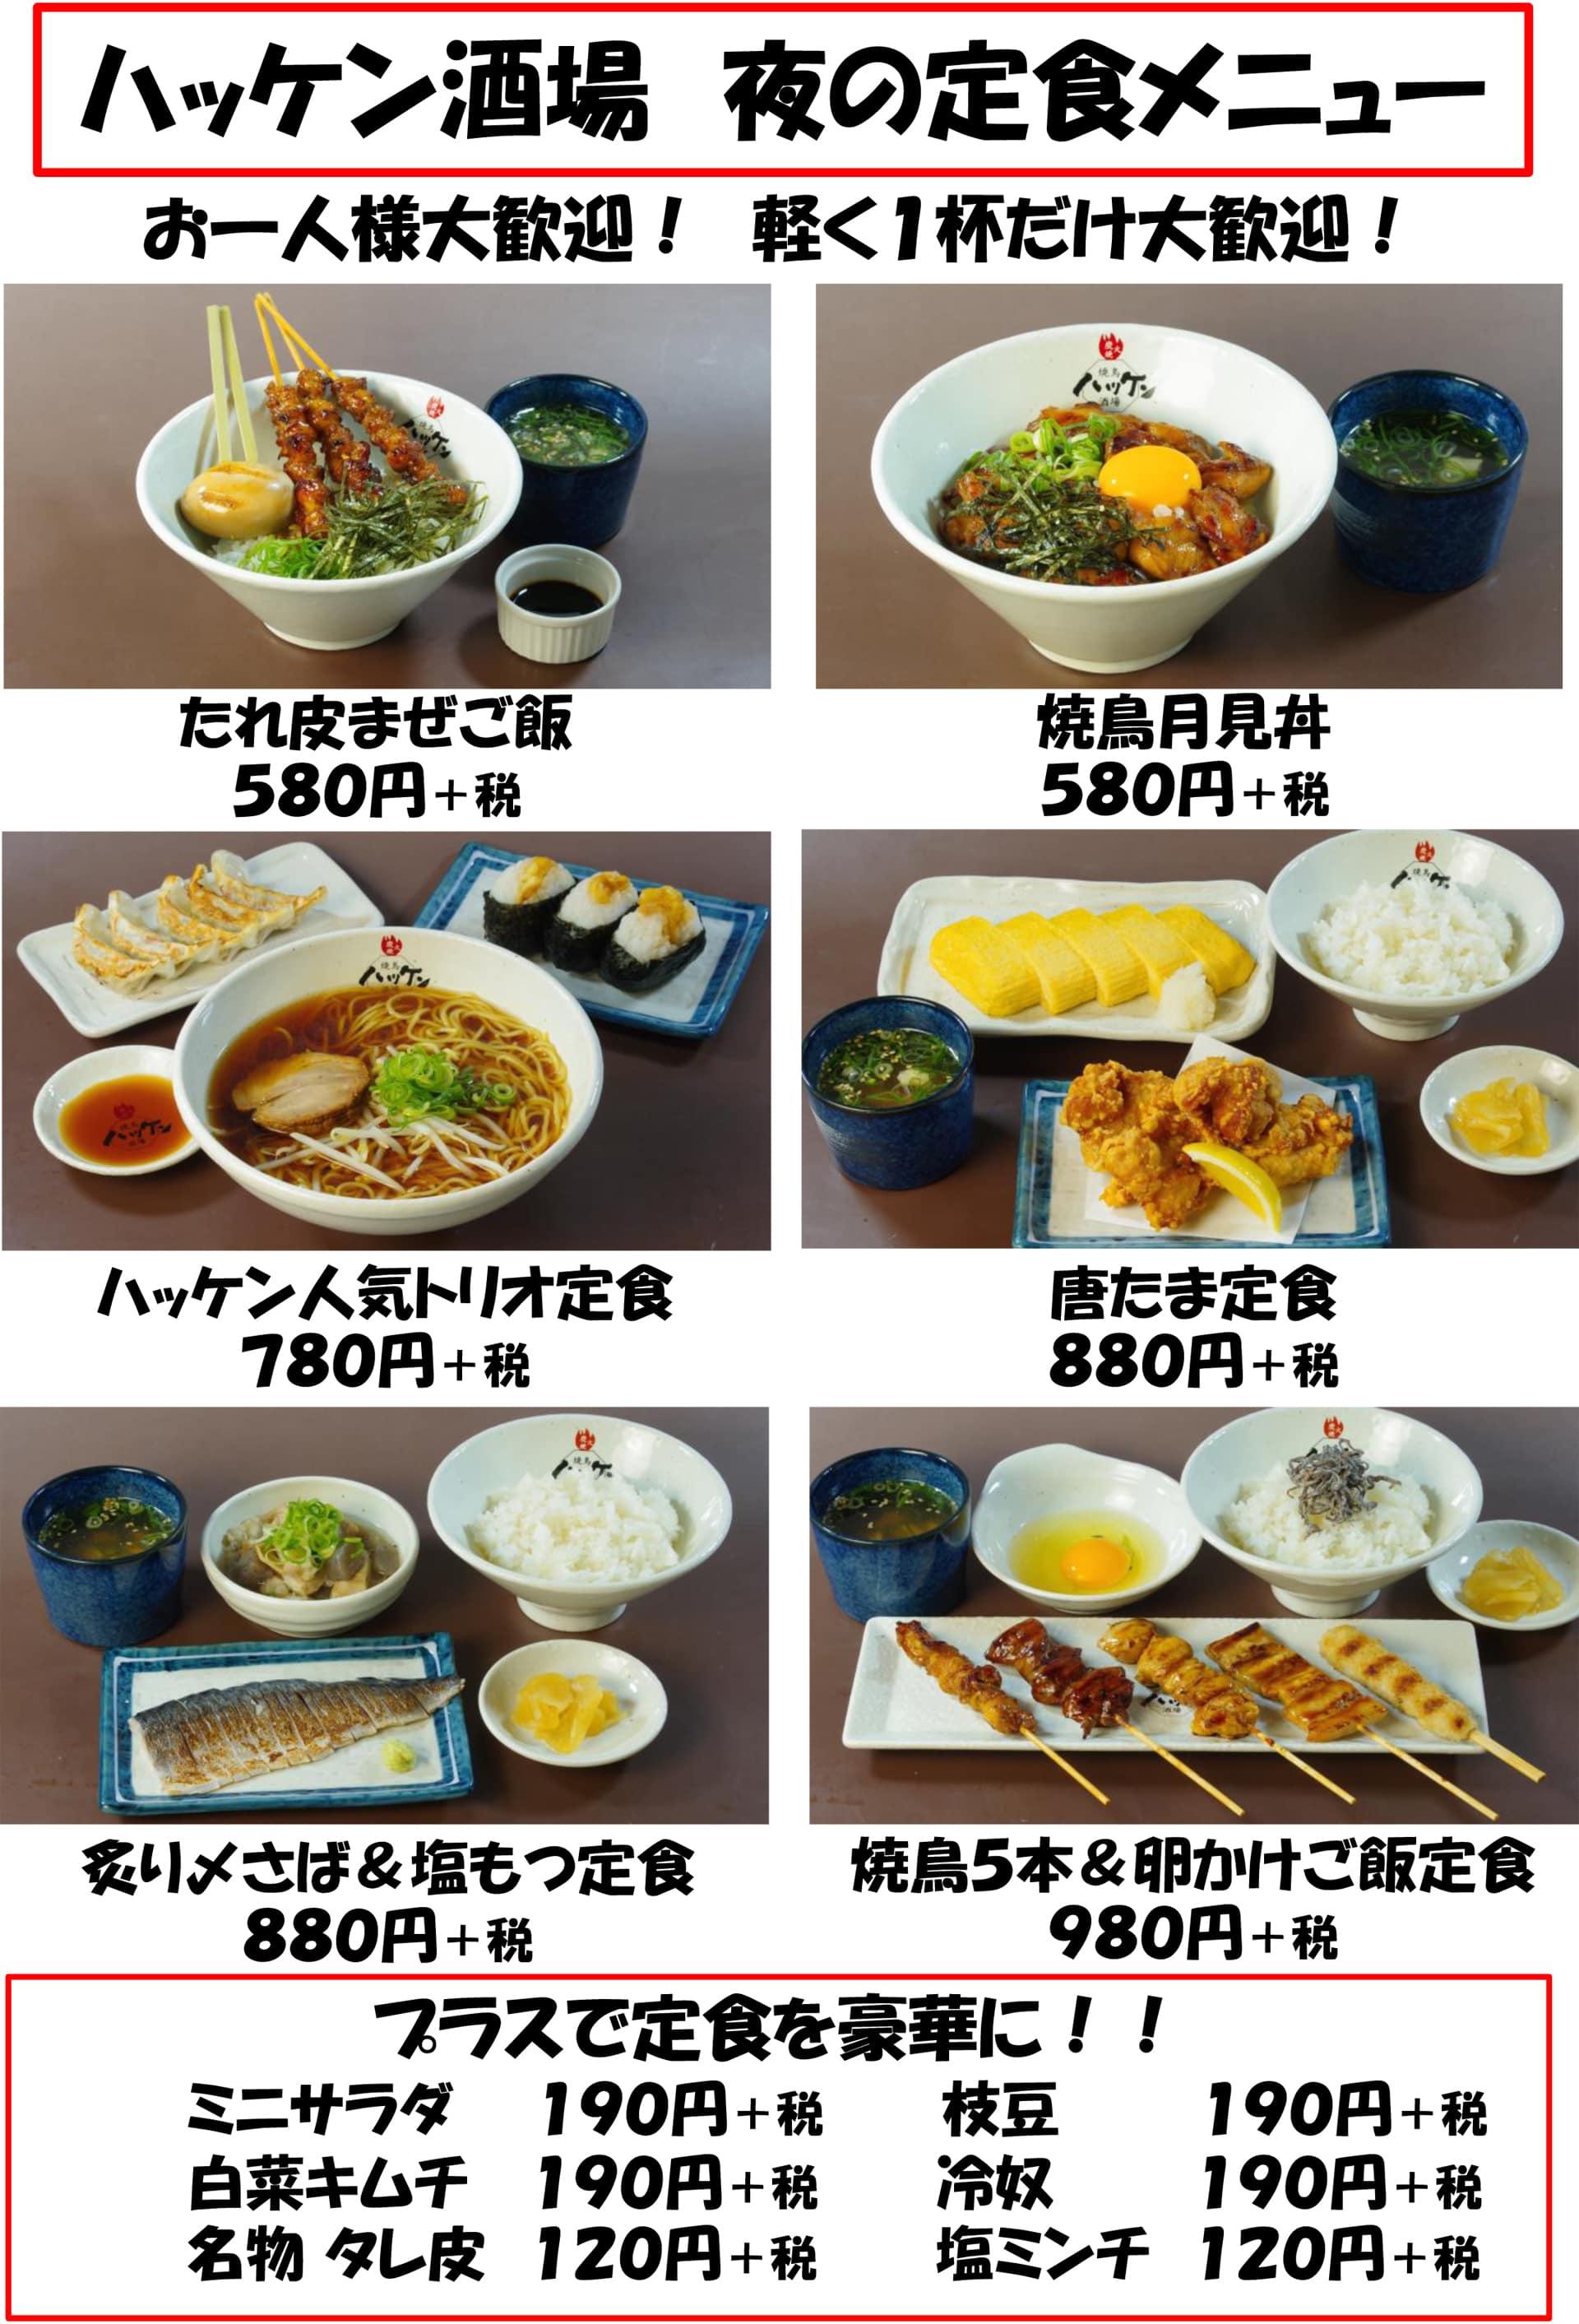 ハッケン酒場 夜定食メニュー